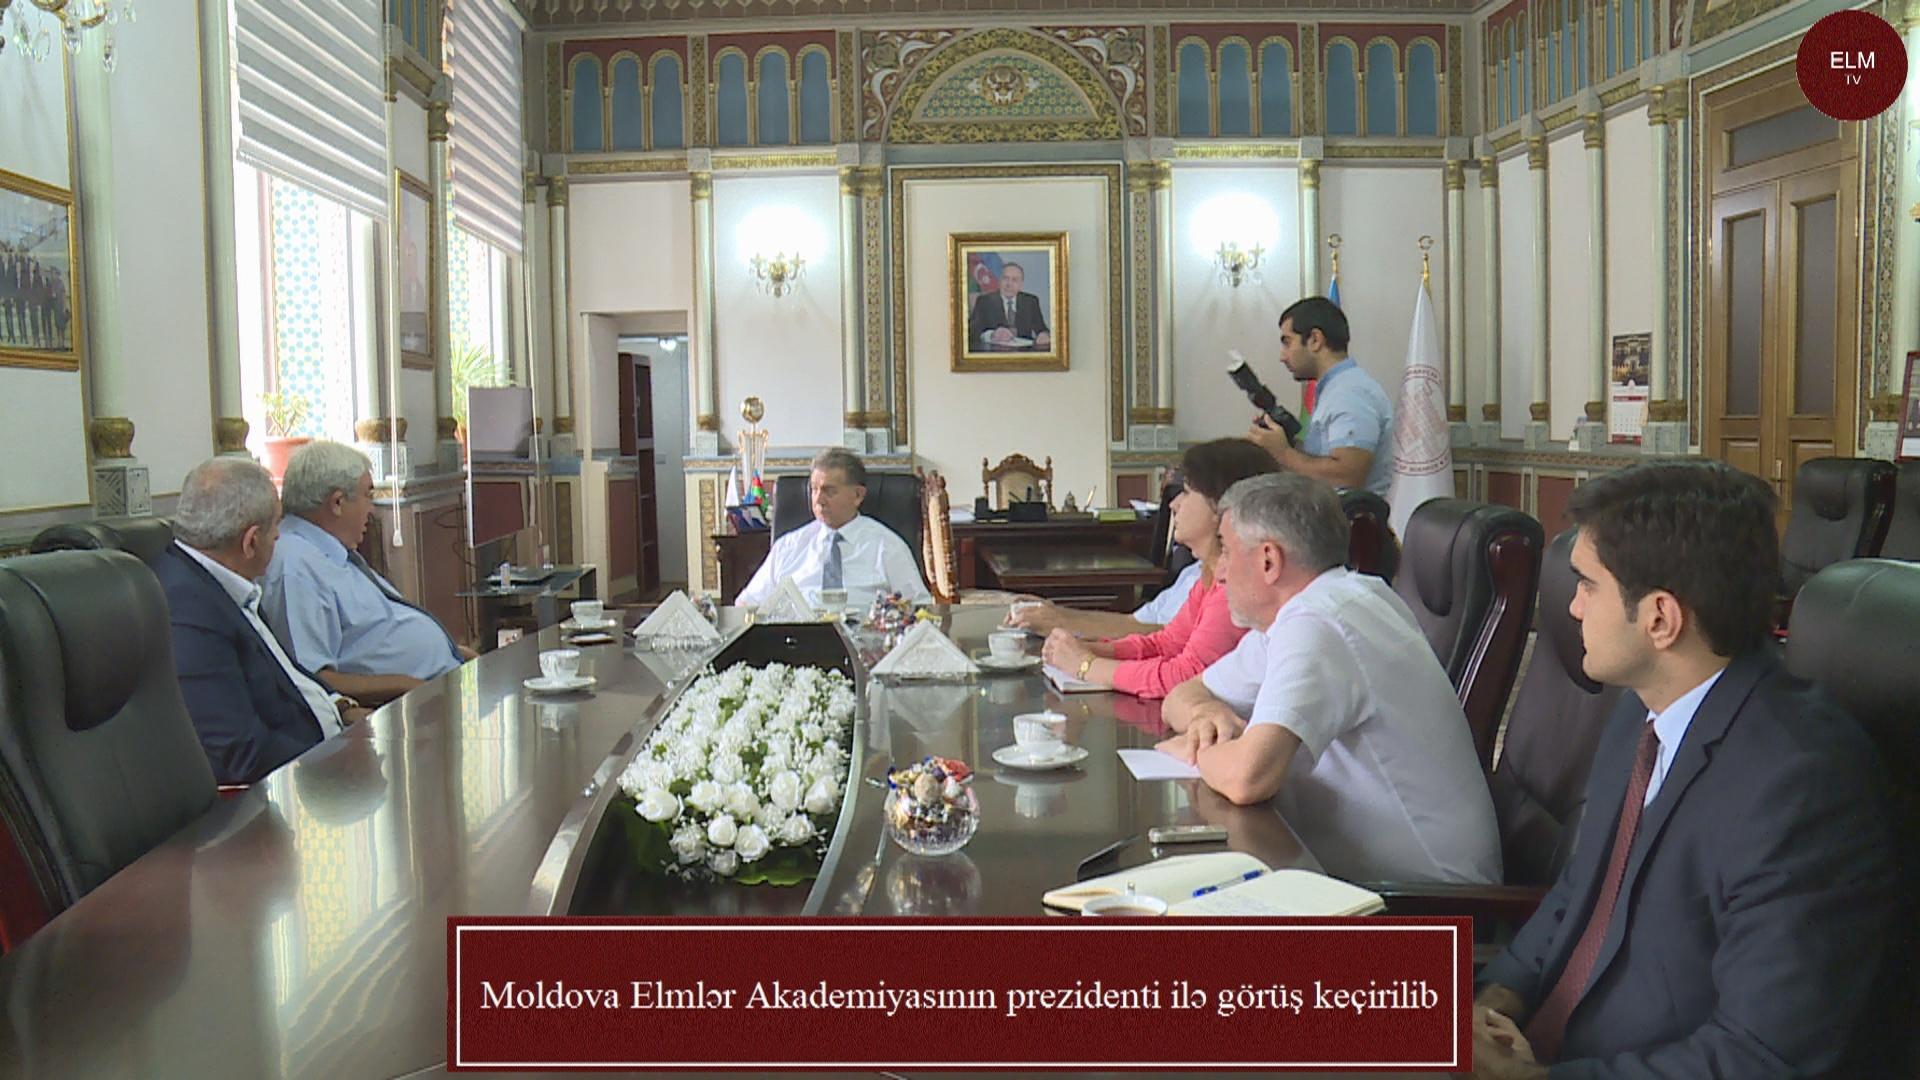 Moldova Elmlər Akademiyasının prezidenti ilə görüş keçirilib